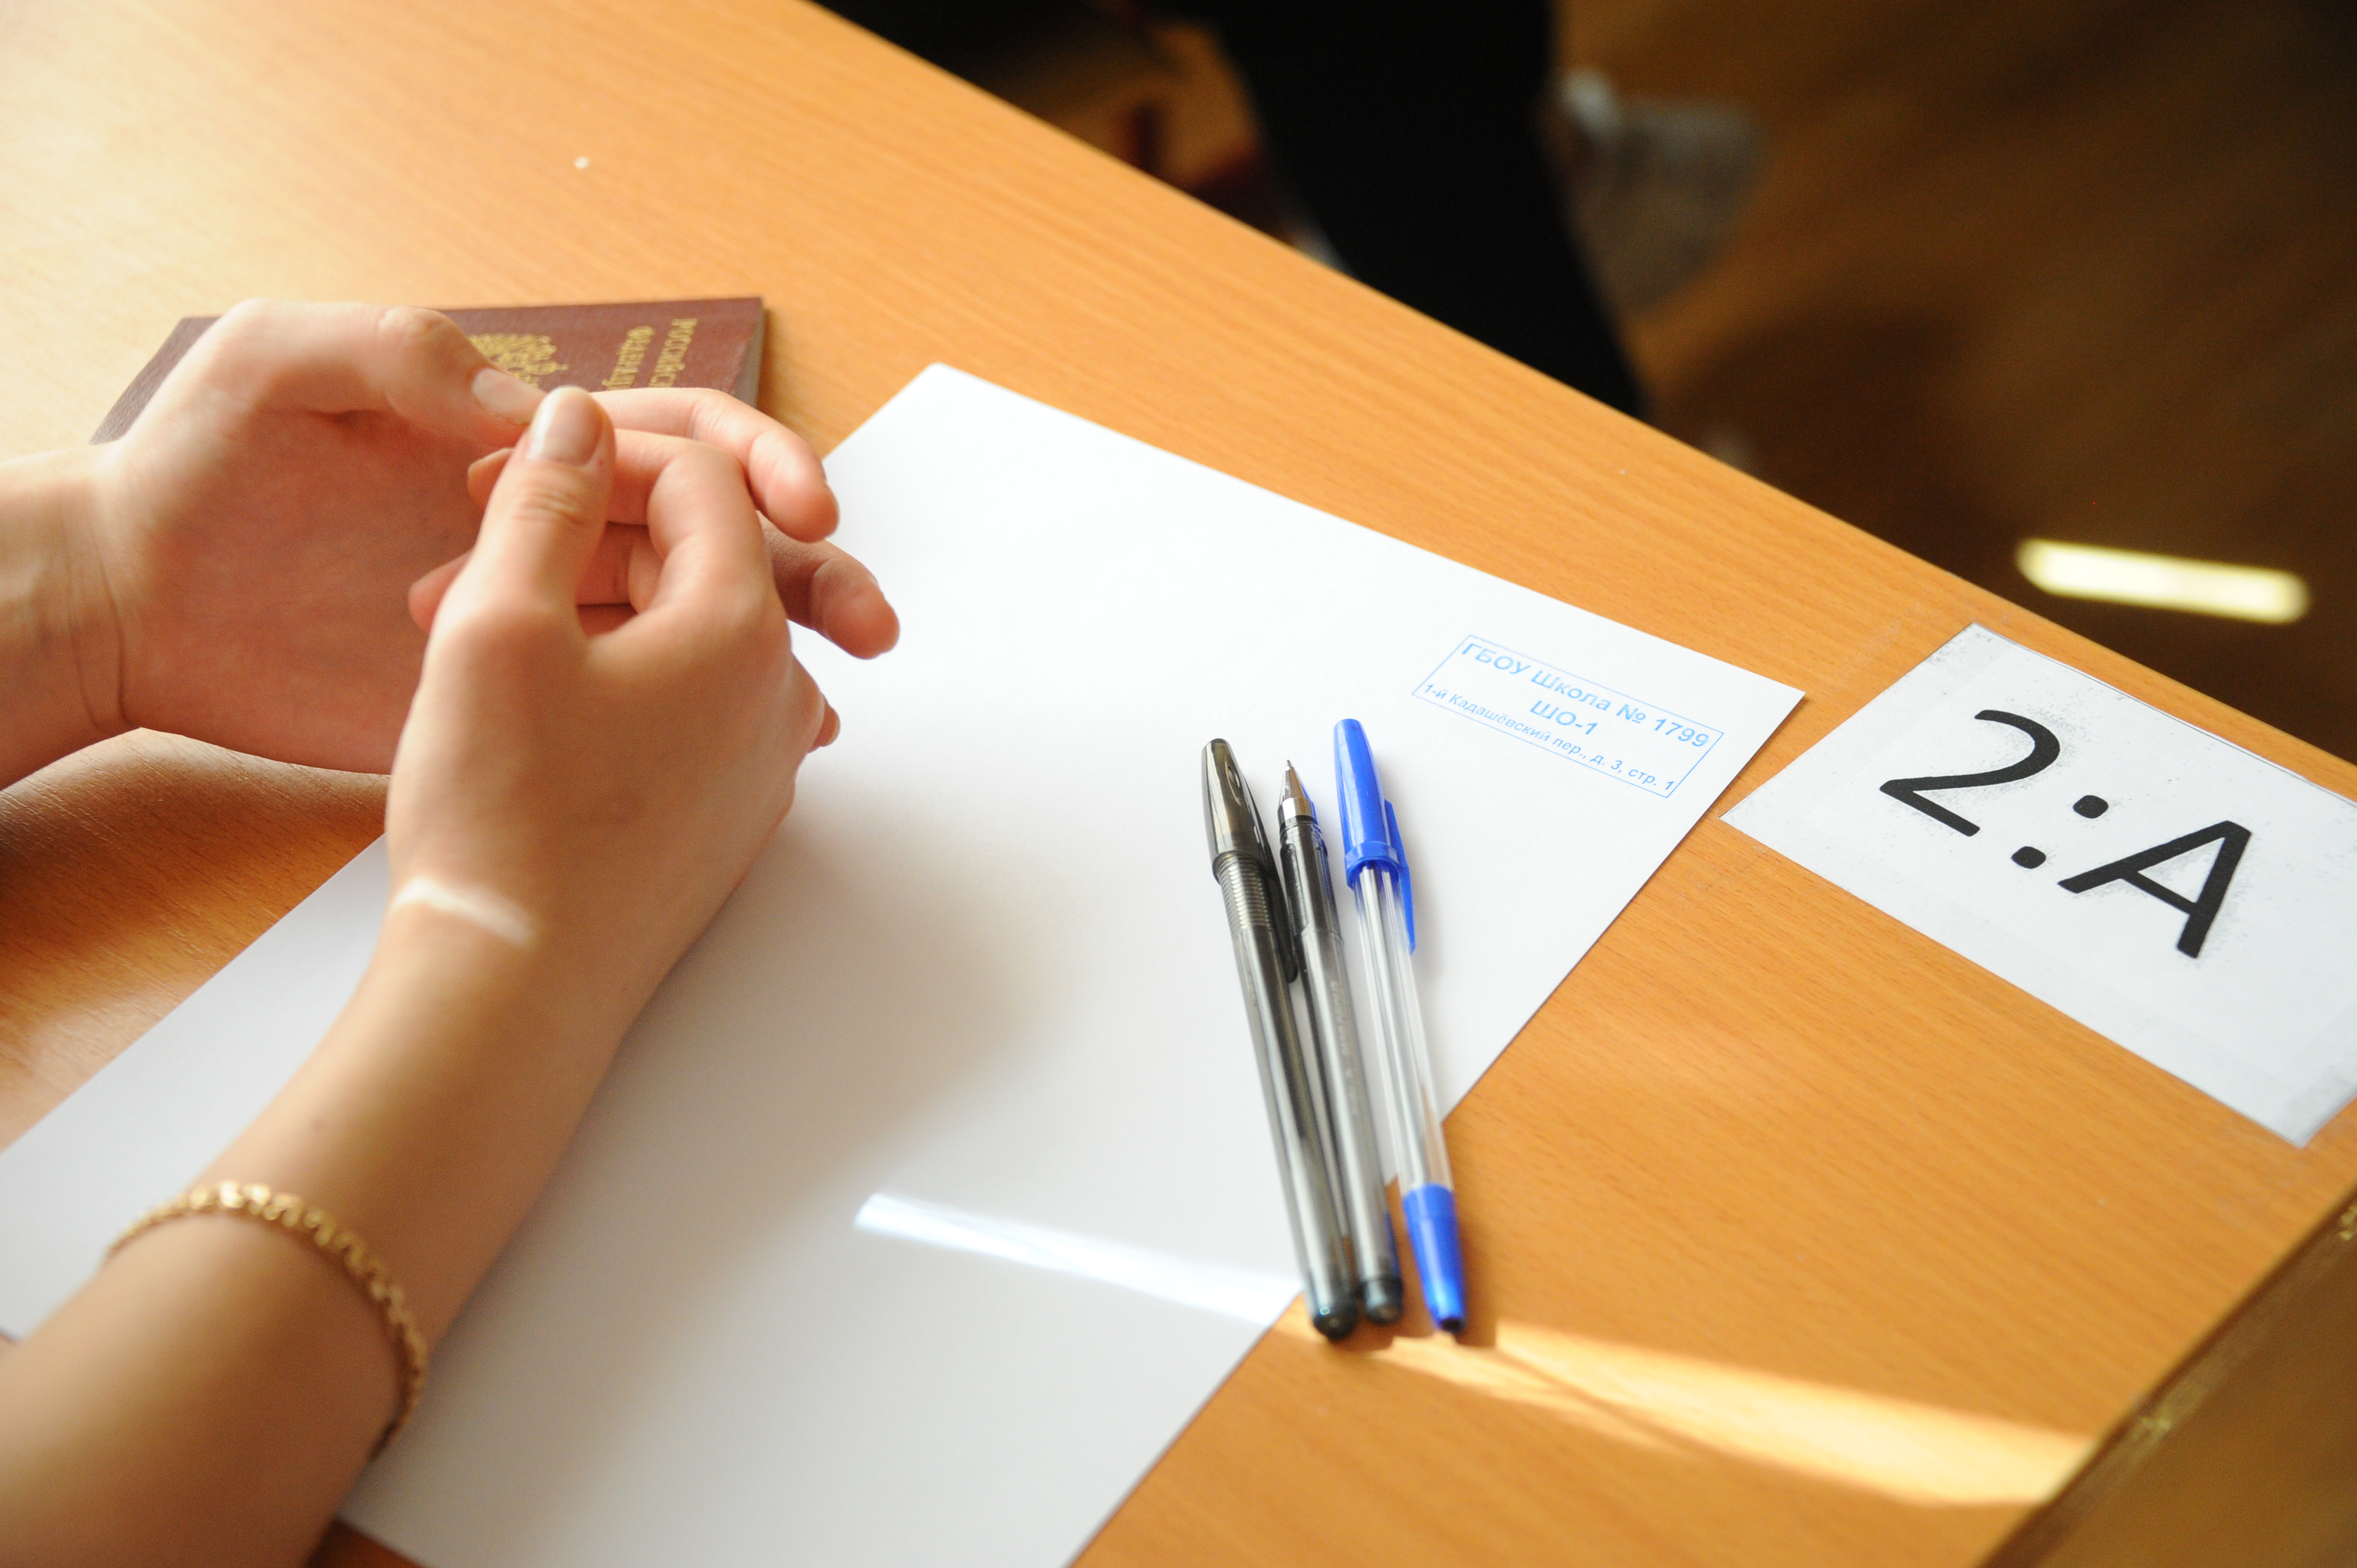 Сто баллов за ЕГЭ по литературе получили свыше 300 столичных школьников